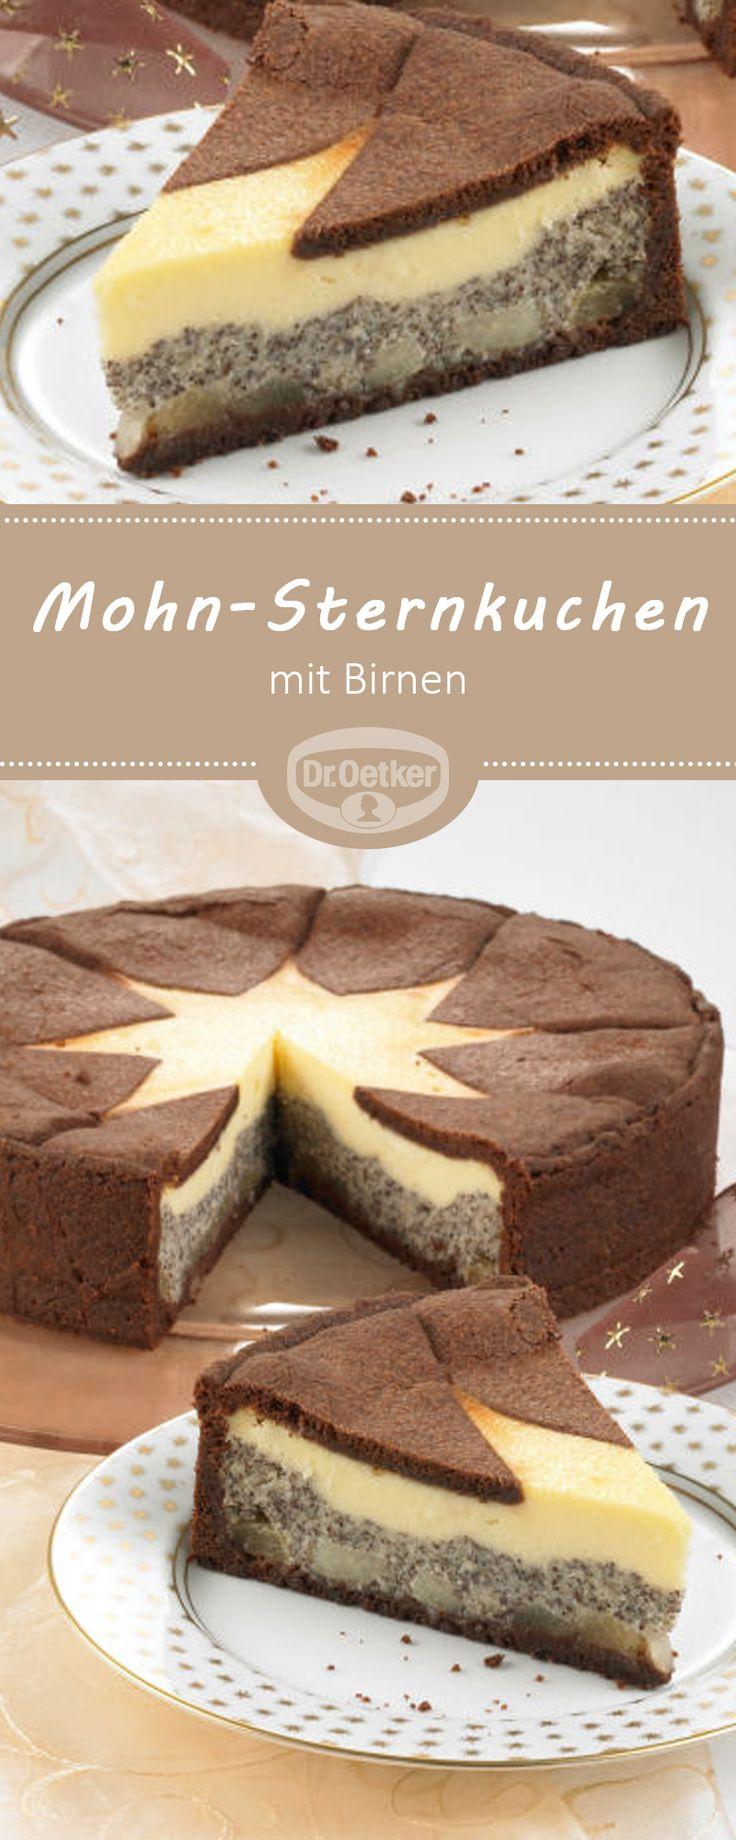 Mohn-Sternkuchen mit Birnen: Fruchtiger Mohn-Käsekuchen mit Birnen